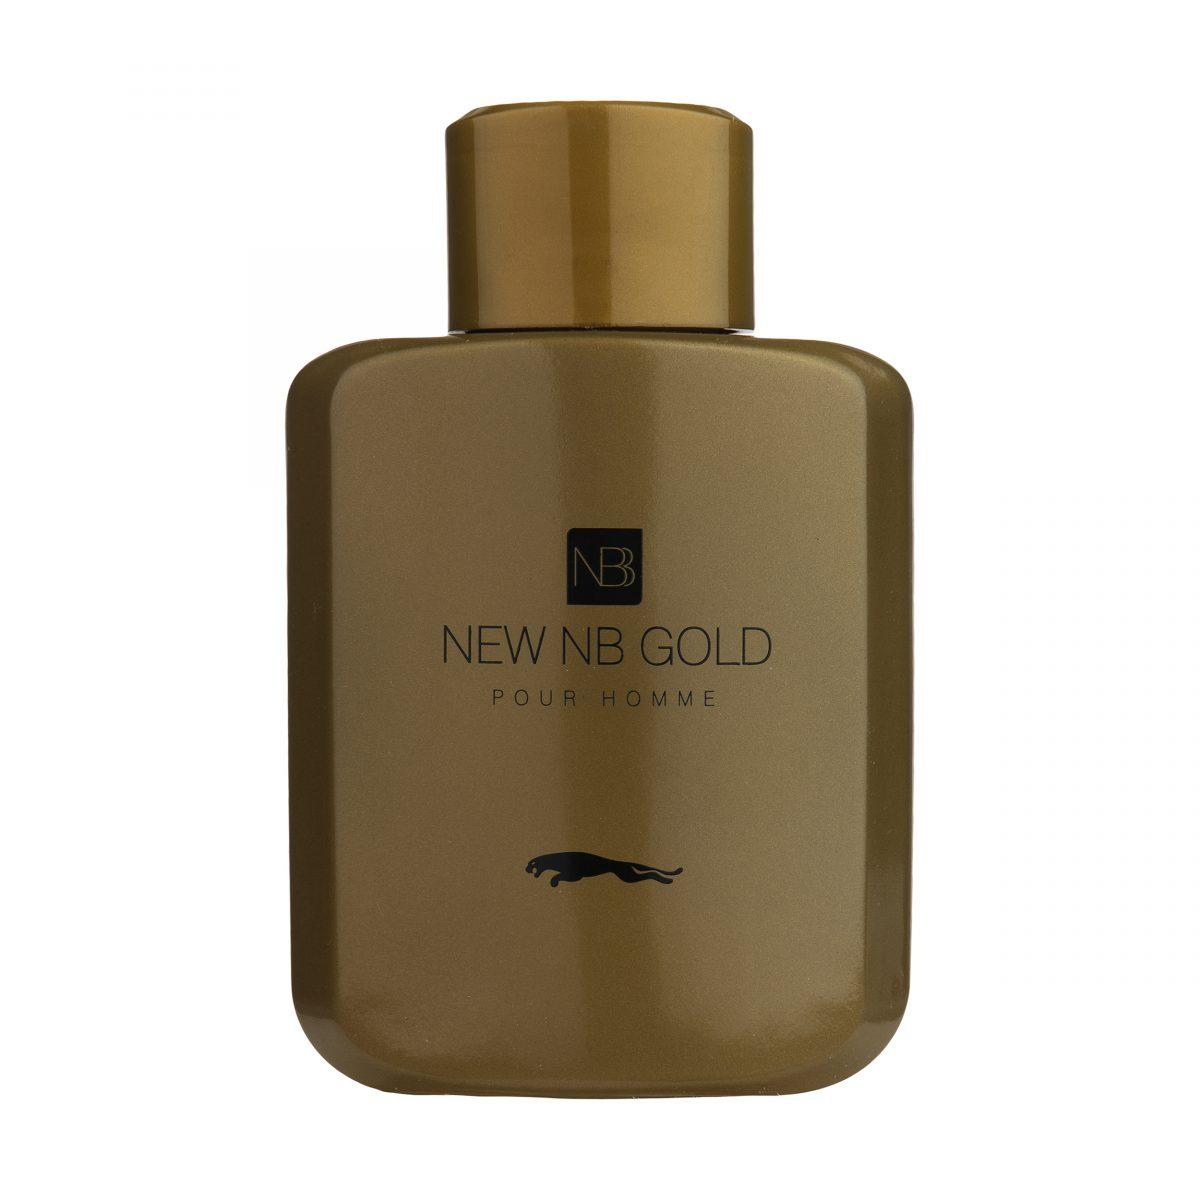 ادو تویلت مردانه رودیر مدل New NB Gold حجم 100 میلیلیتر